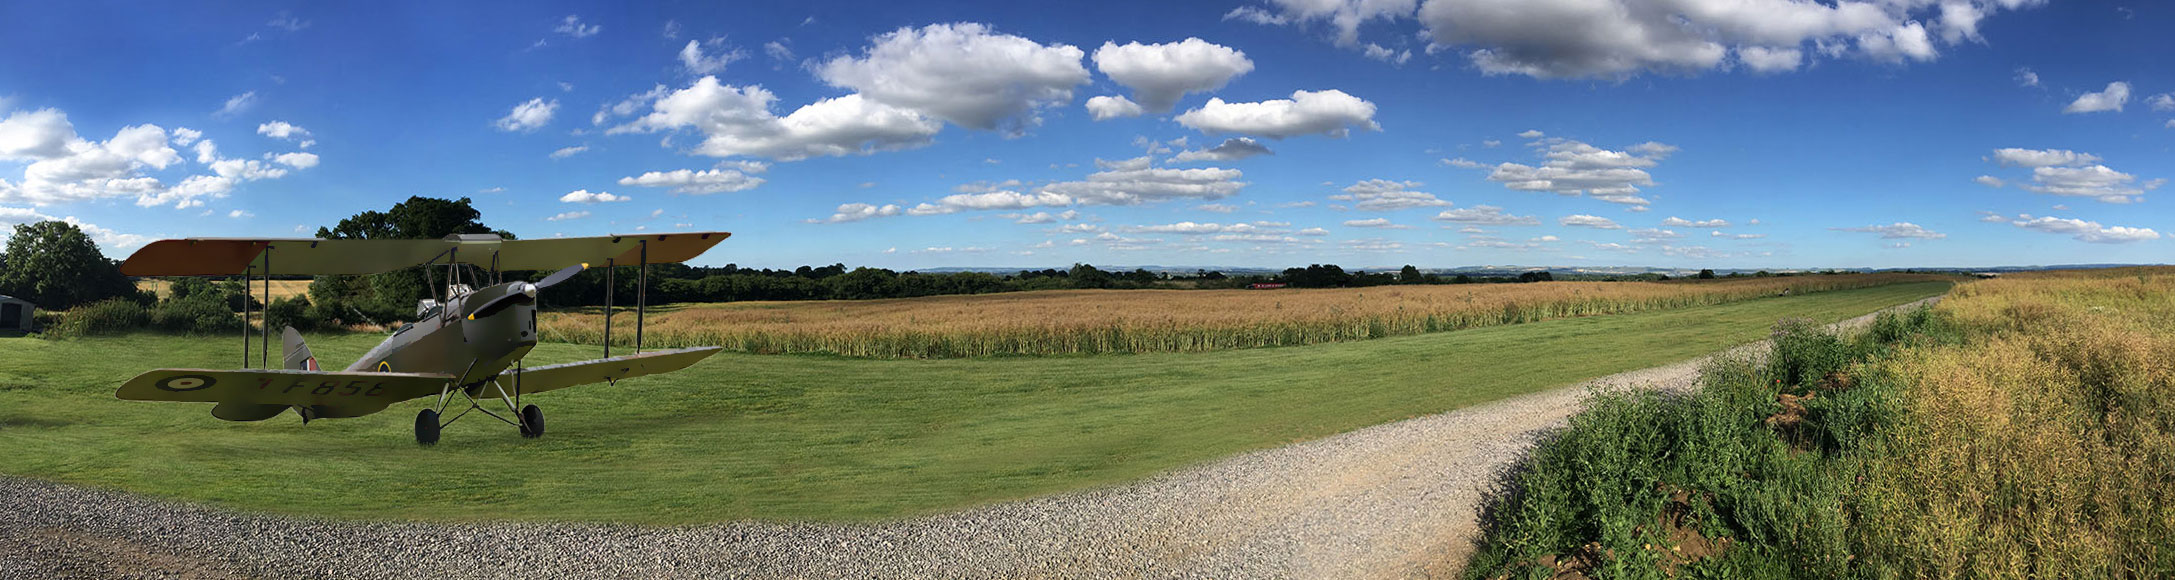 Brown Shutters Farm Airfield